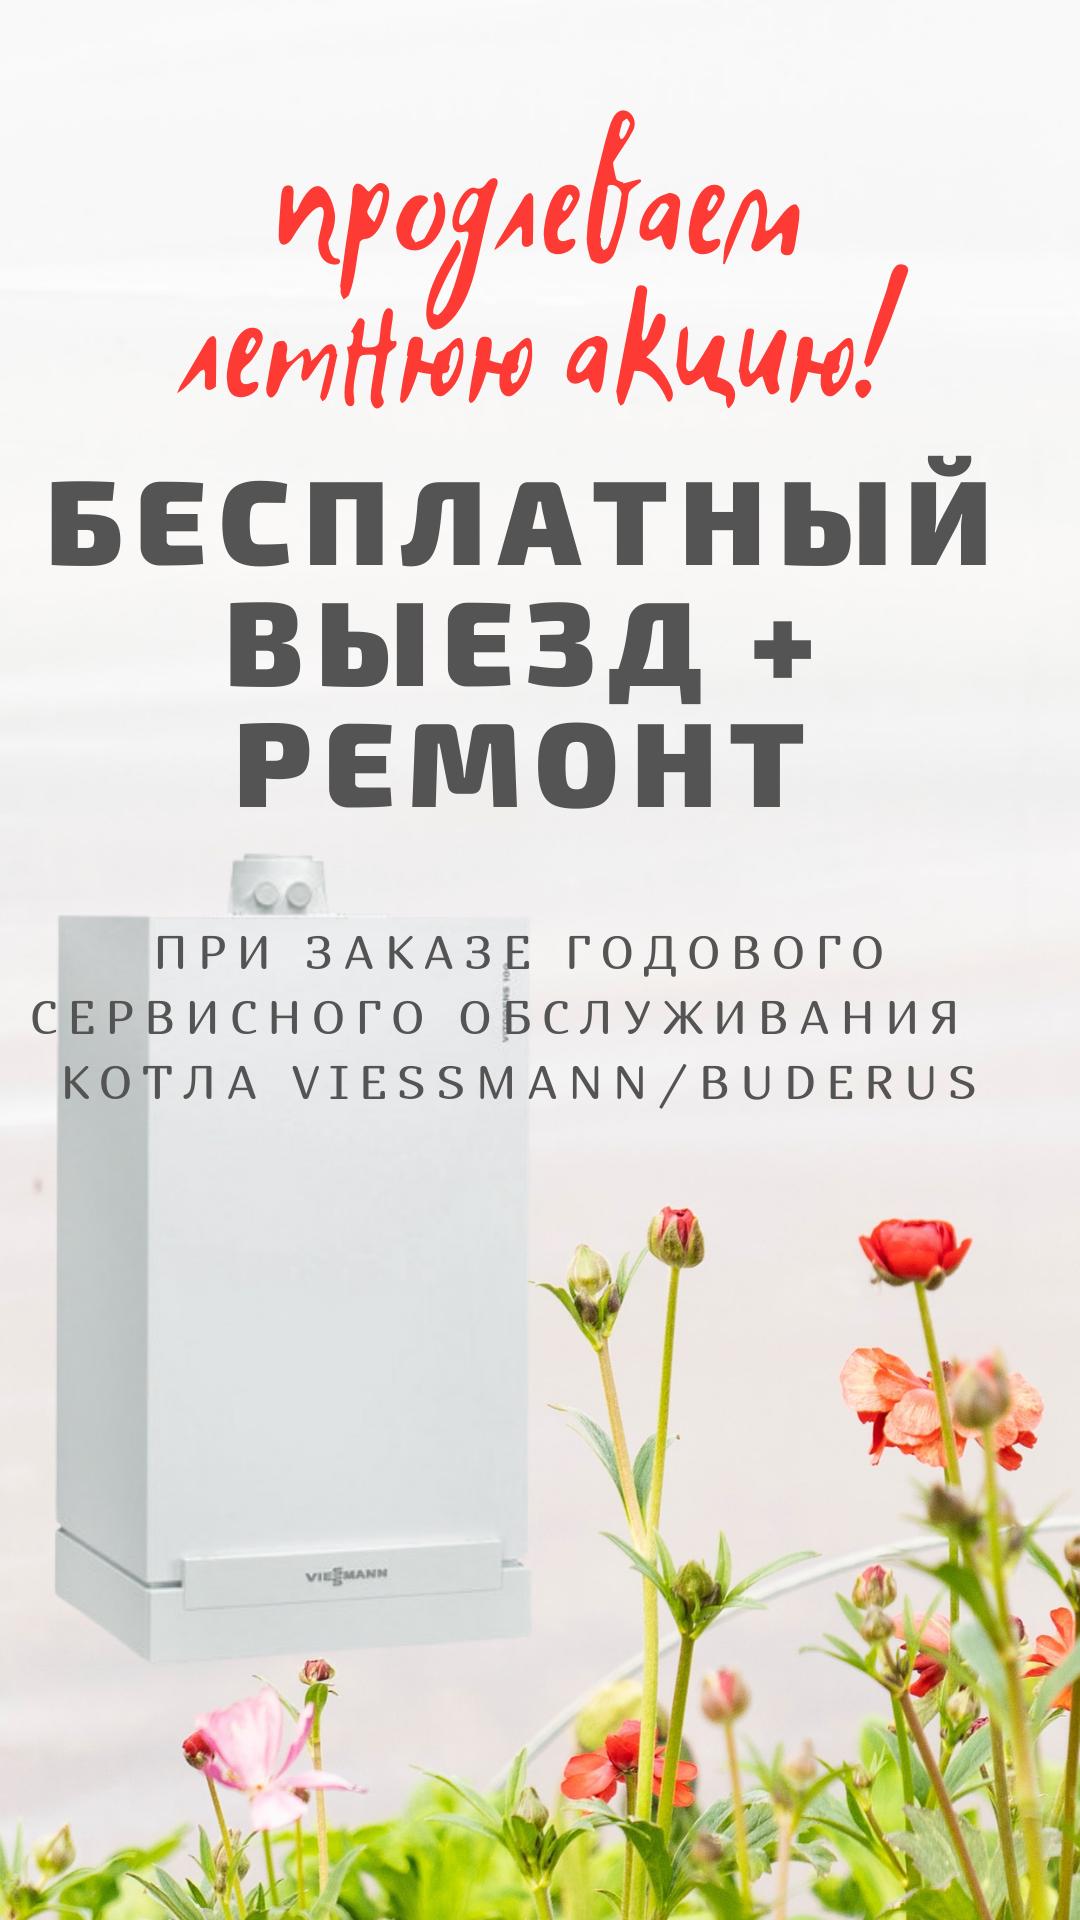 бесплатный выезд + РЕМОНТ (3)